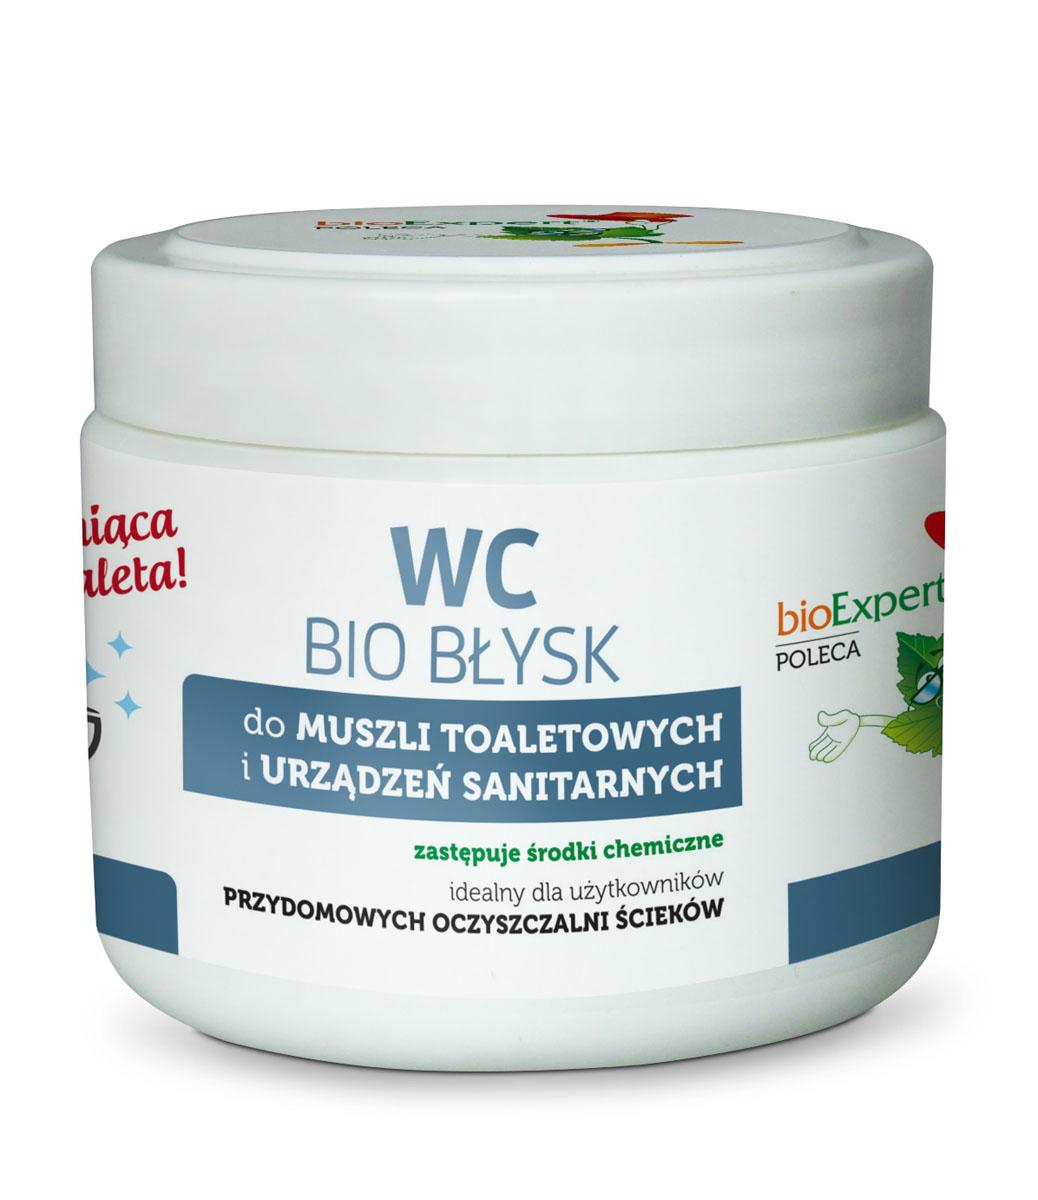 Средство биологическое bioExpert для мытья унитазов и раковин, удаления камня и биологических отложений, 200 г68/5/1Биологически Активное средство для мытья унитазов и раковин. Действие: Удаляет стойкие известняковые наросты, минеральные отложения и пятна мочи Предотвращает последующее накопление осадковУстраня+R9ет плохие запахиРасщепляет органические отложения в туалете и канализационной системеОбеспечивает оптимальную биологическую активность септиков и систем очистки сточных вод. Преимущества:Чистый и блестящий туалет без химии и особых усилий Обеспечивает оптимальную биологическую активность септиков и систем очистки сточных вод. Очень эффективен Водорастворимый пакетик делает продукт безопасным и облегчает пользованиеПриятный аромат